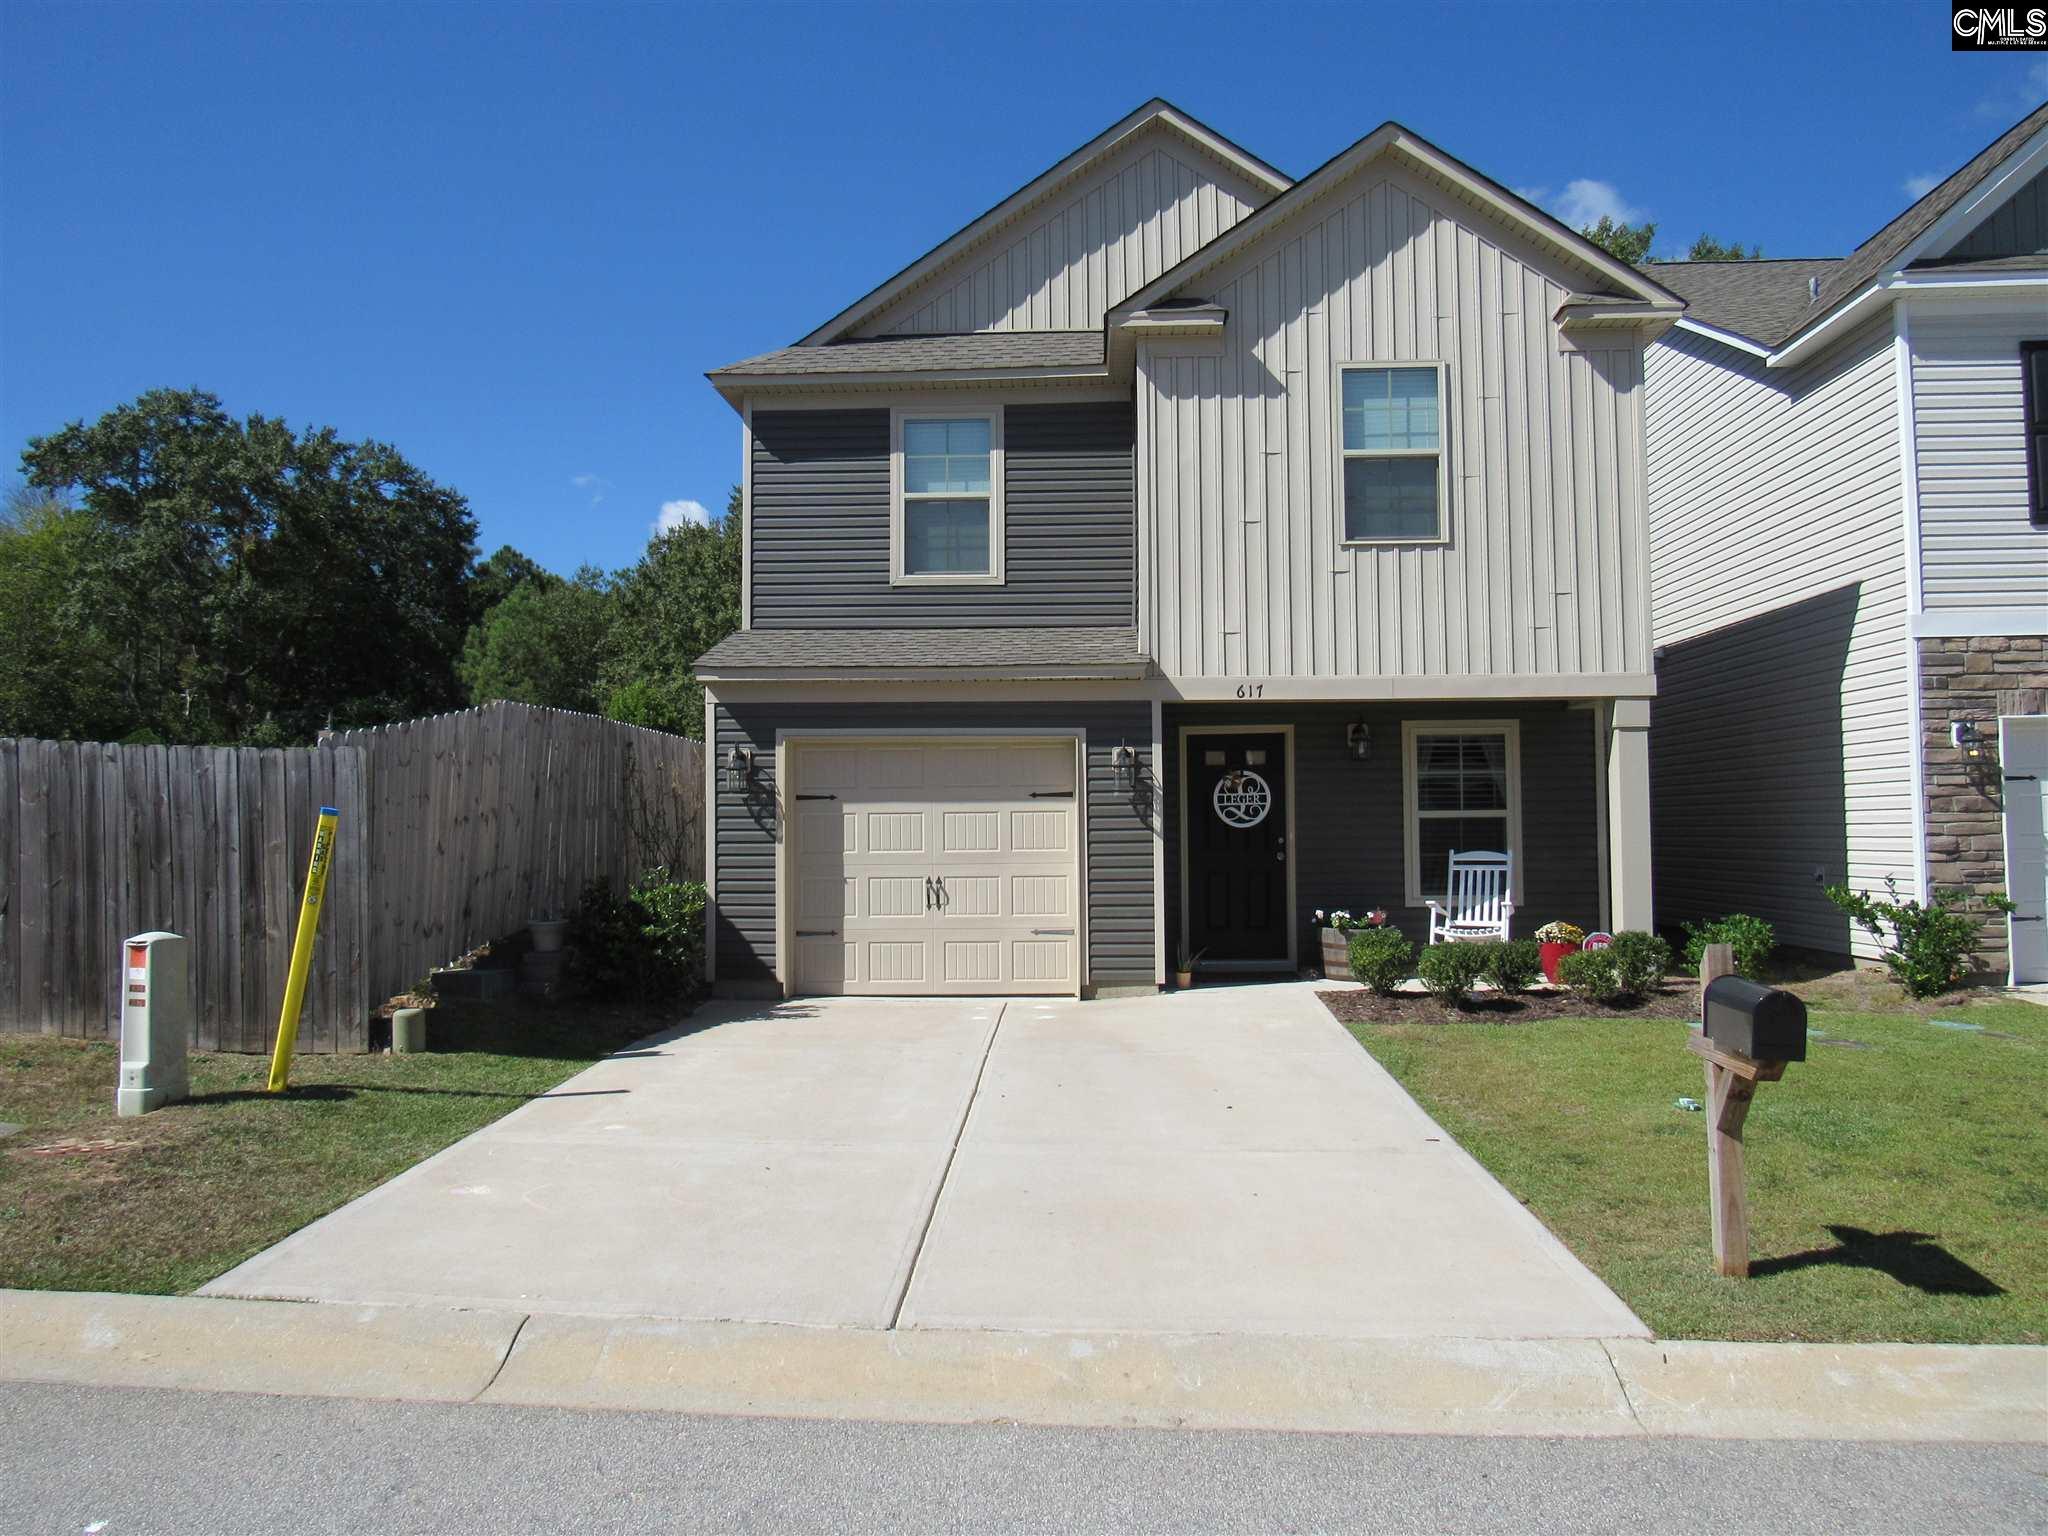 617 Dawsons Park Lexington, SC 29072